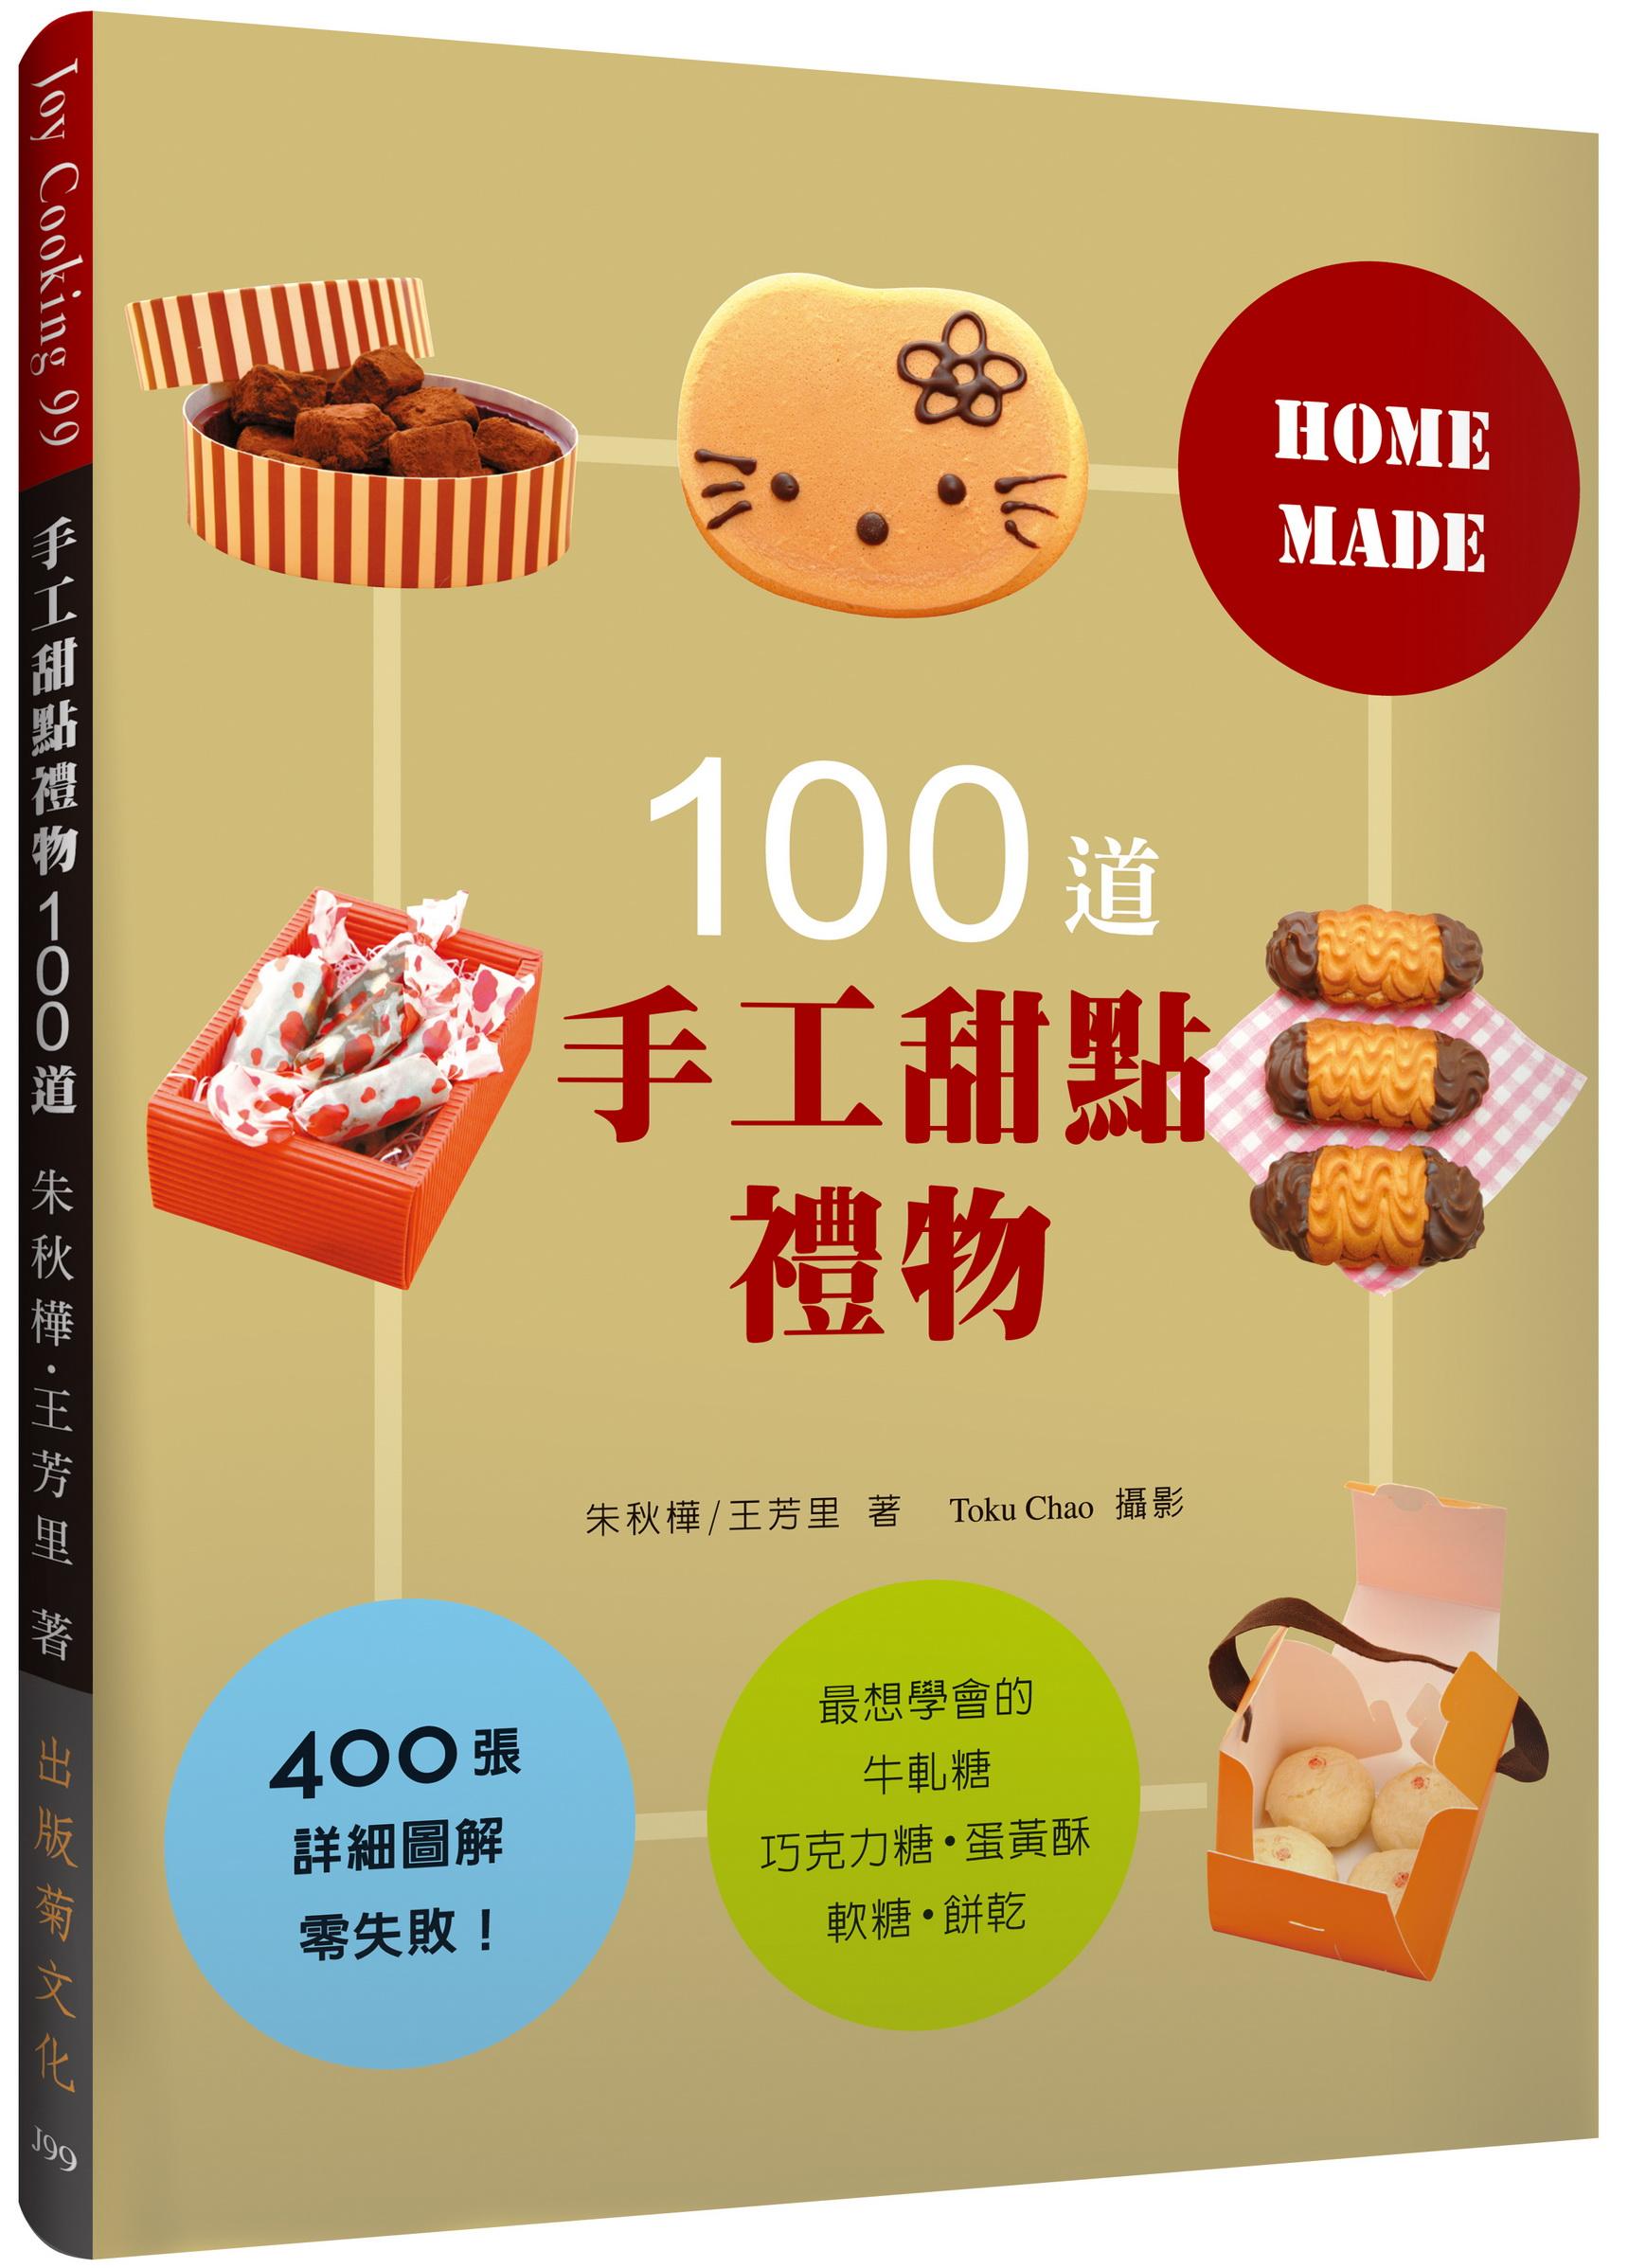 手工甜點禮物100道:最想學會的牛軋糖、軟糖、蛋黃酥、巧克力糖、餅乾,400張詳細圖解零失敗!(最新版)J99